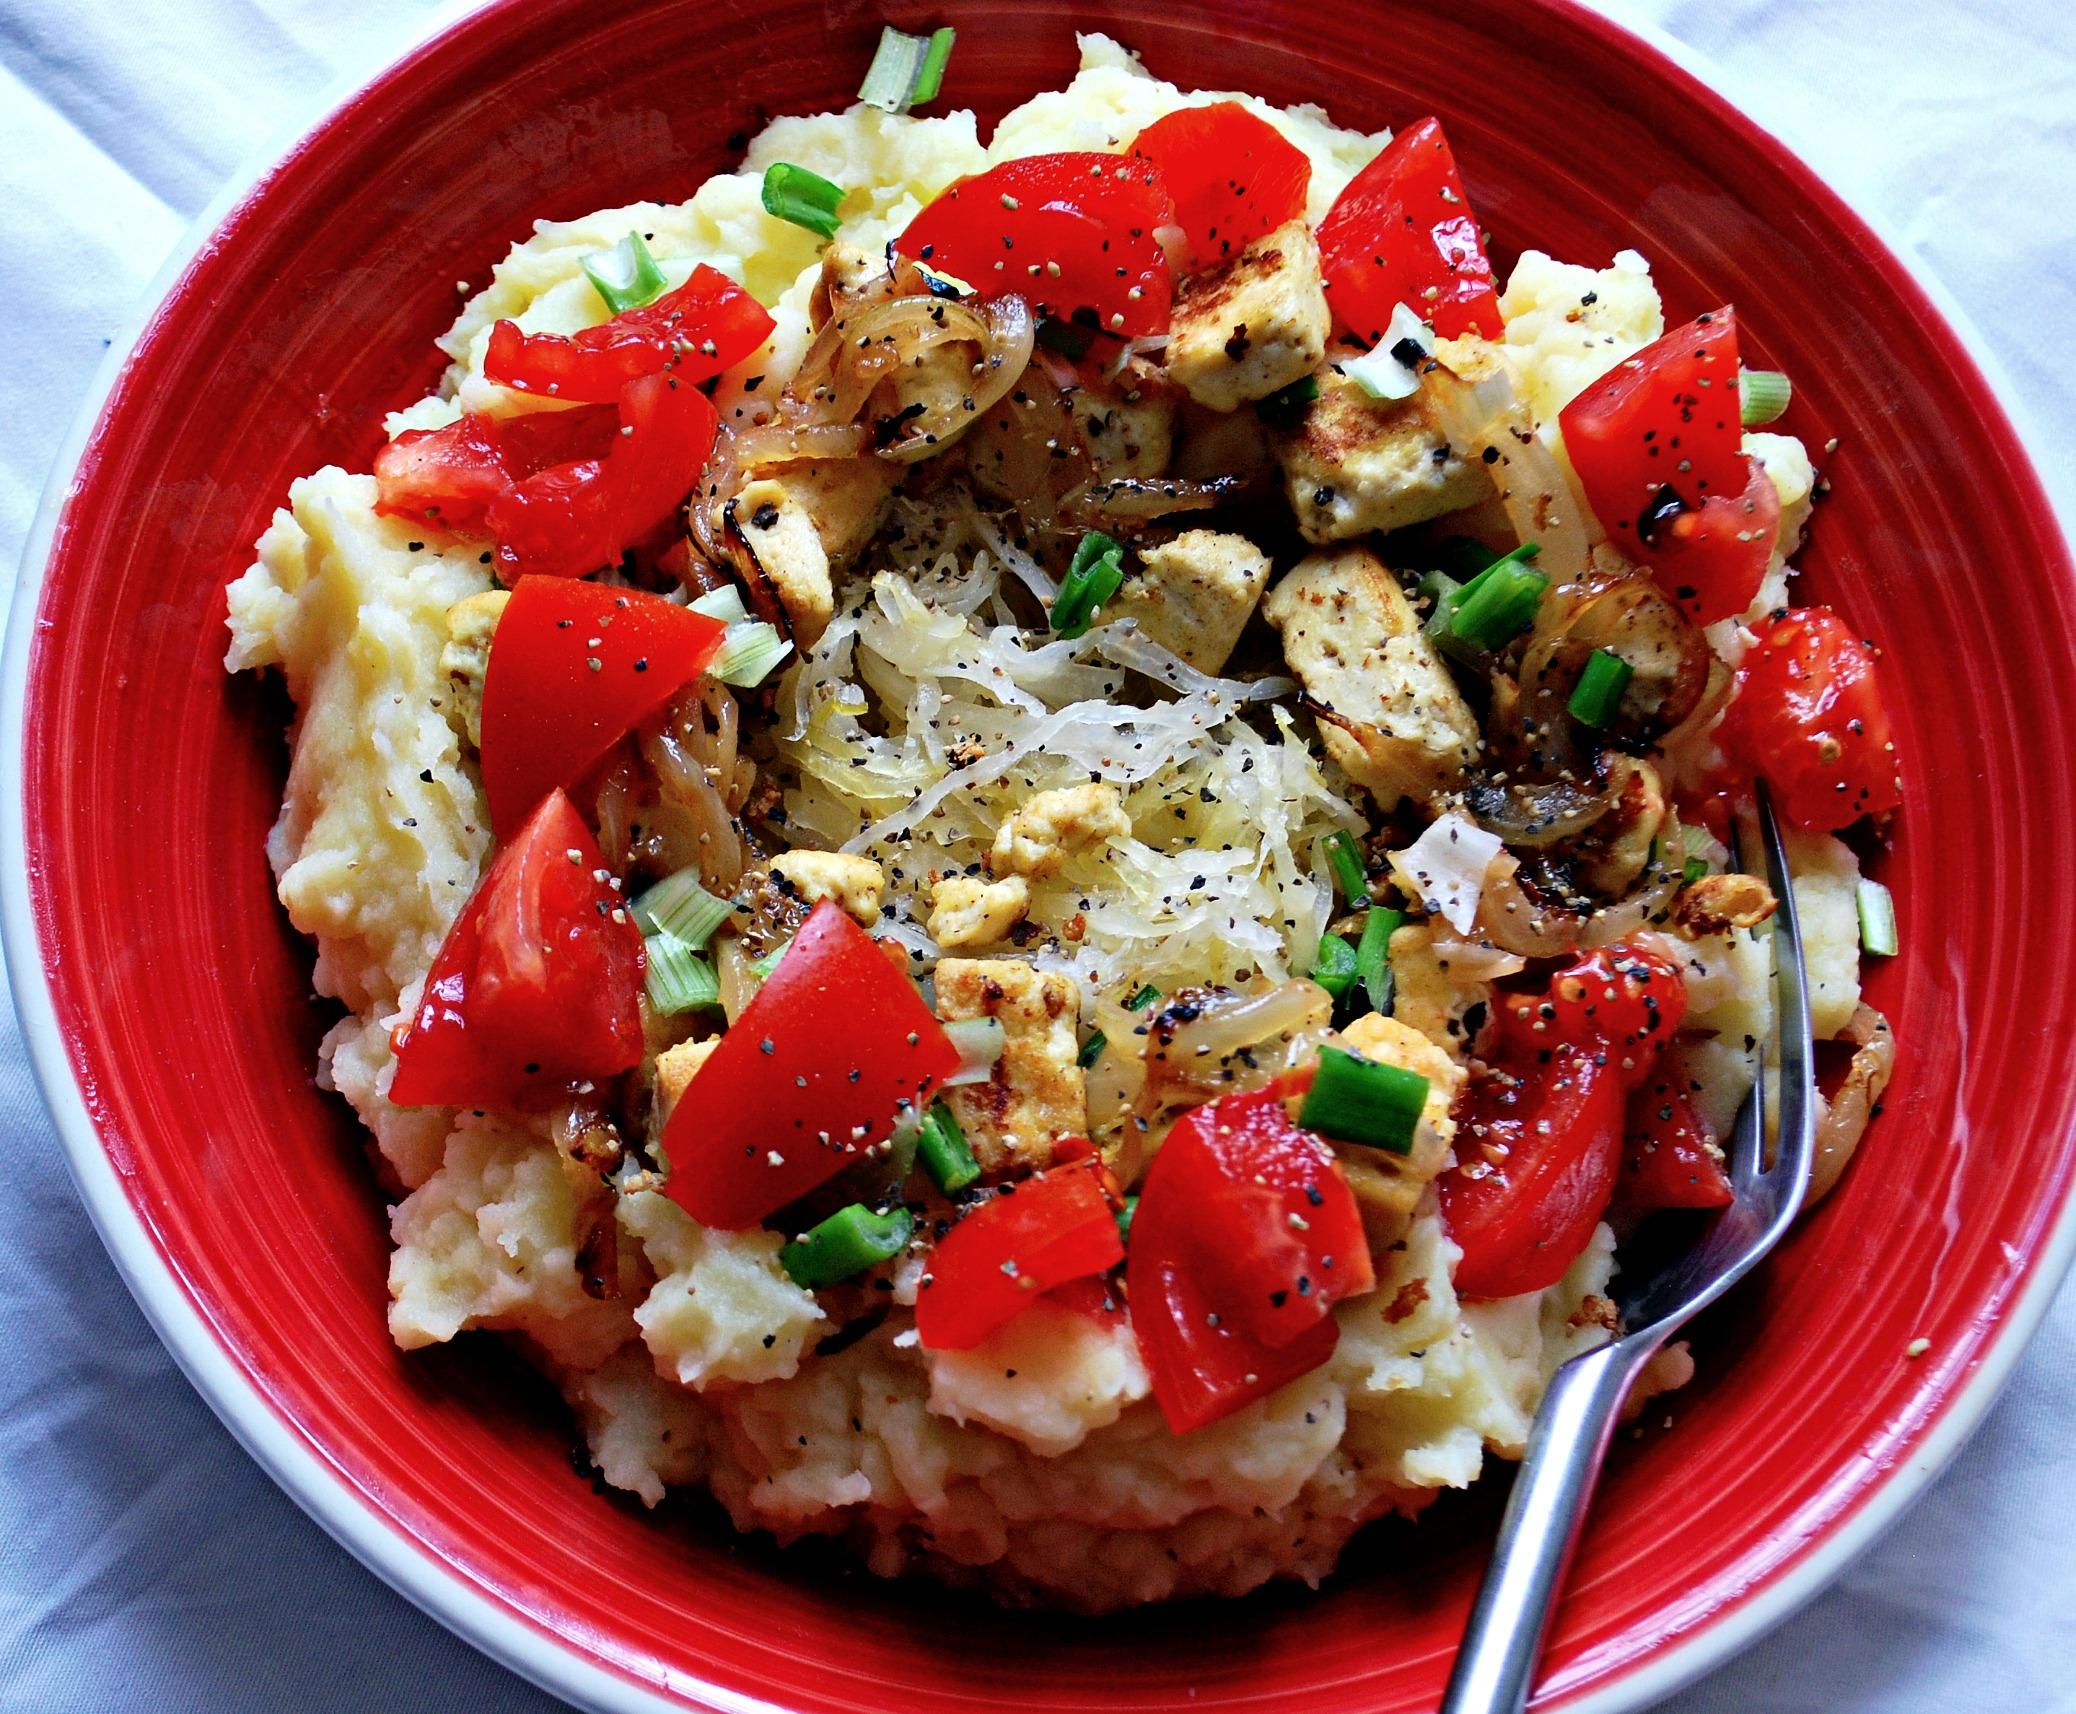 Möbelgeschäfte Essen schönes essen kartoffelbrei mit sauerkraut etwas anders aber bitte mit sojamilch